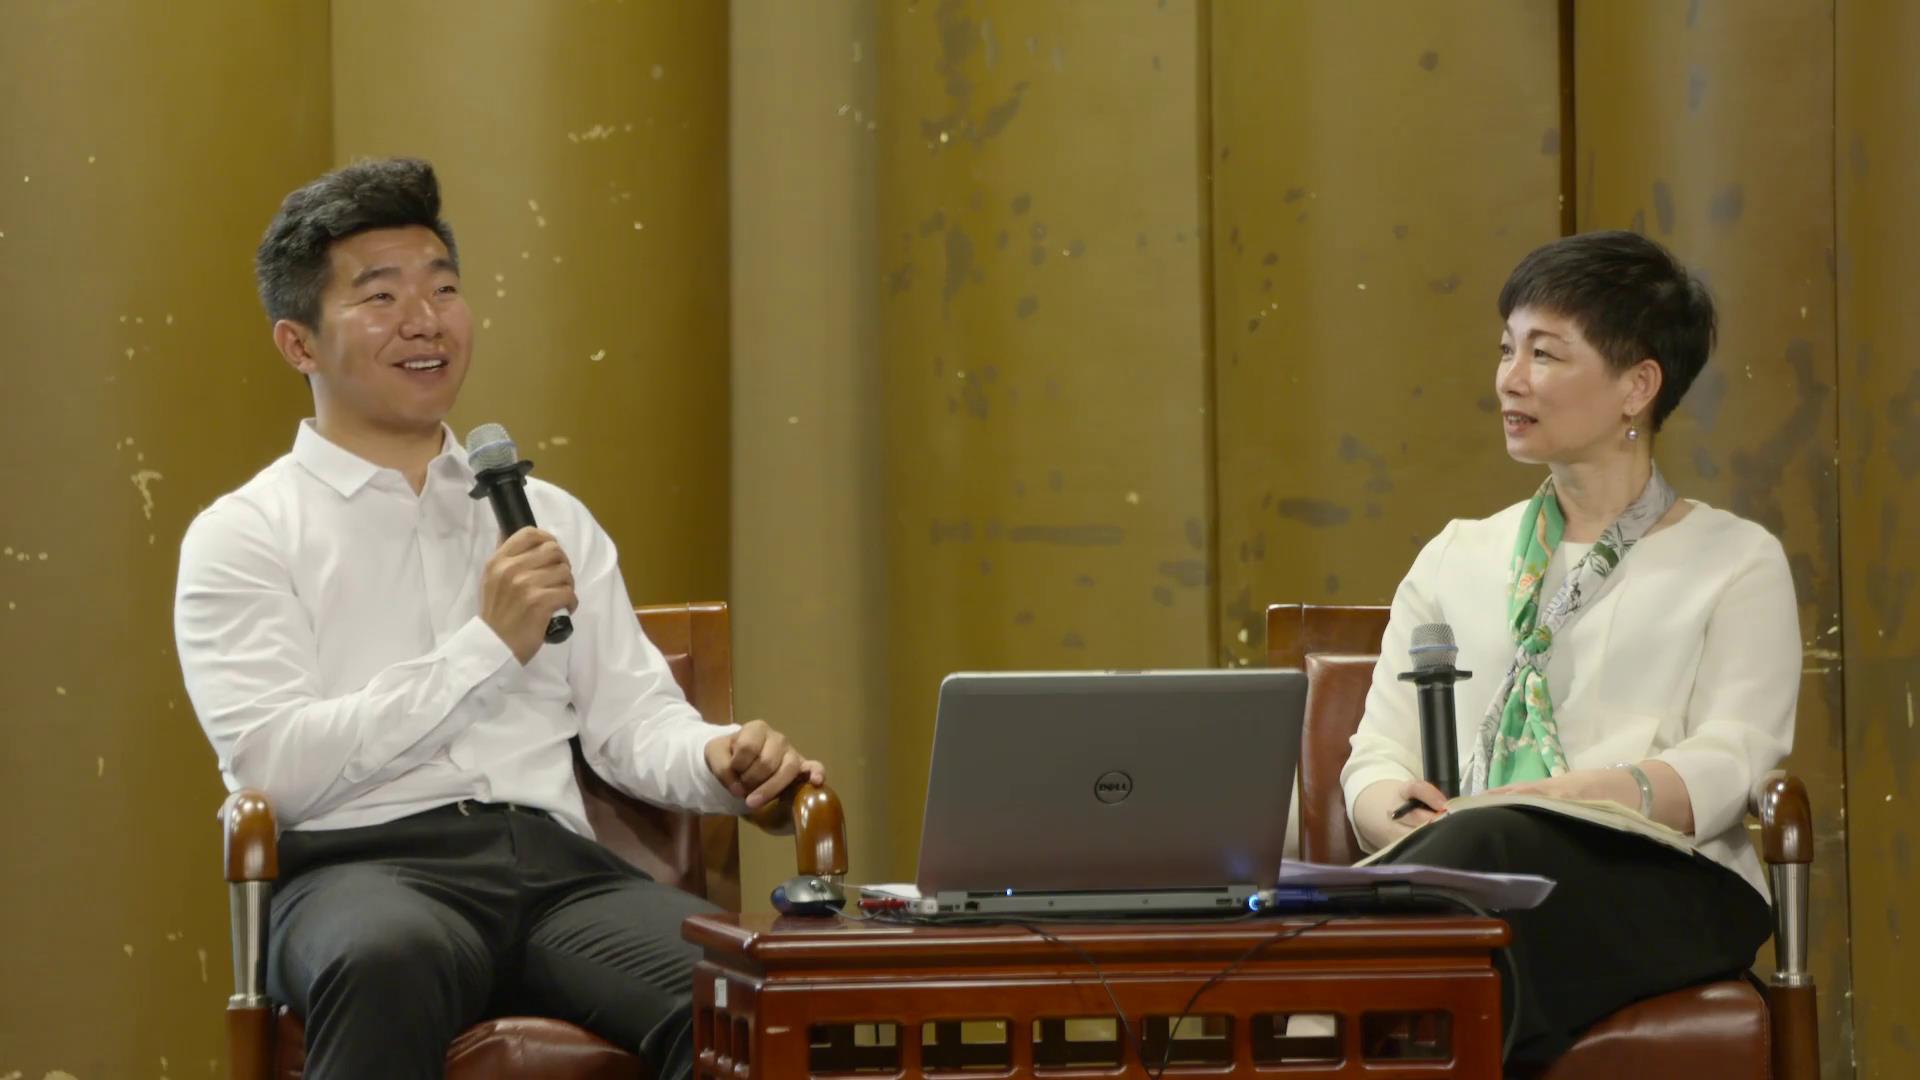 张天彤老师对杜朋朋老师进行了口述采访[封面图].jpg